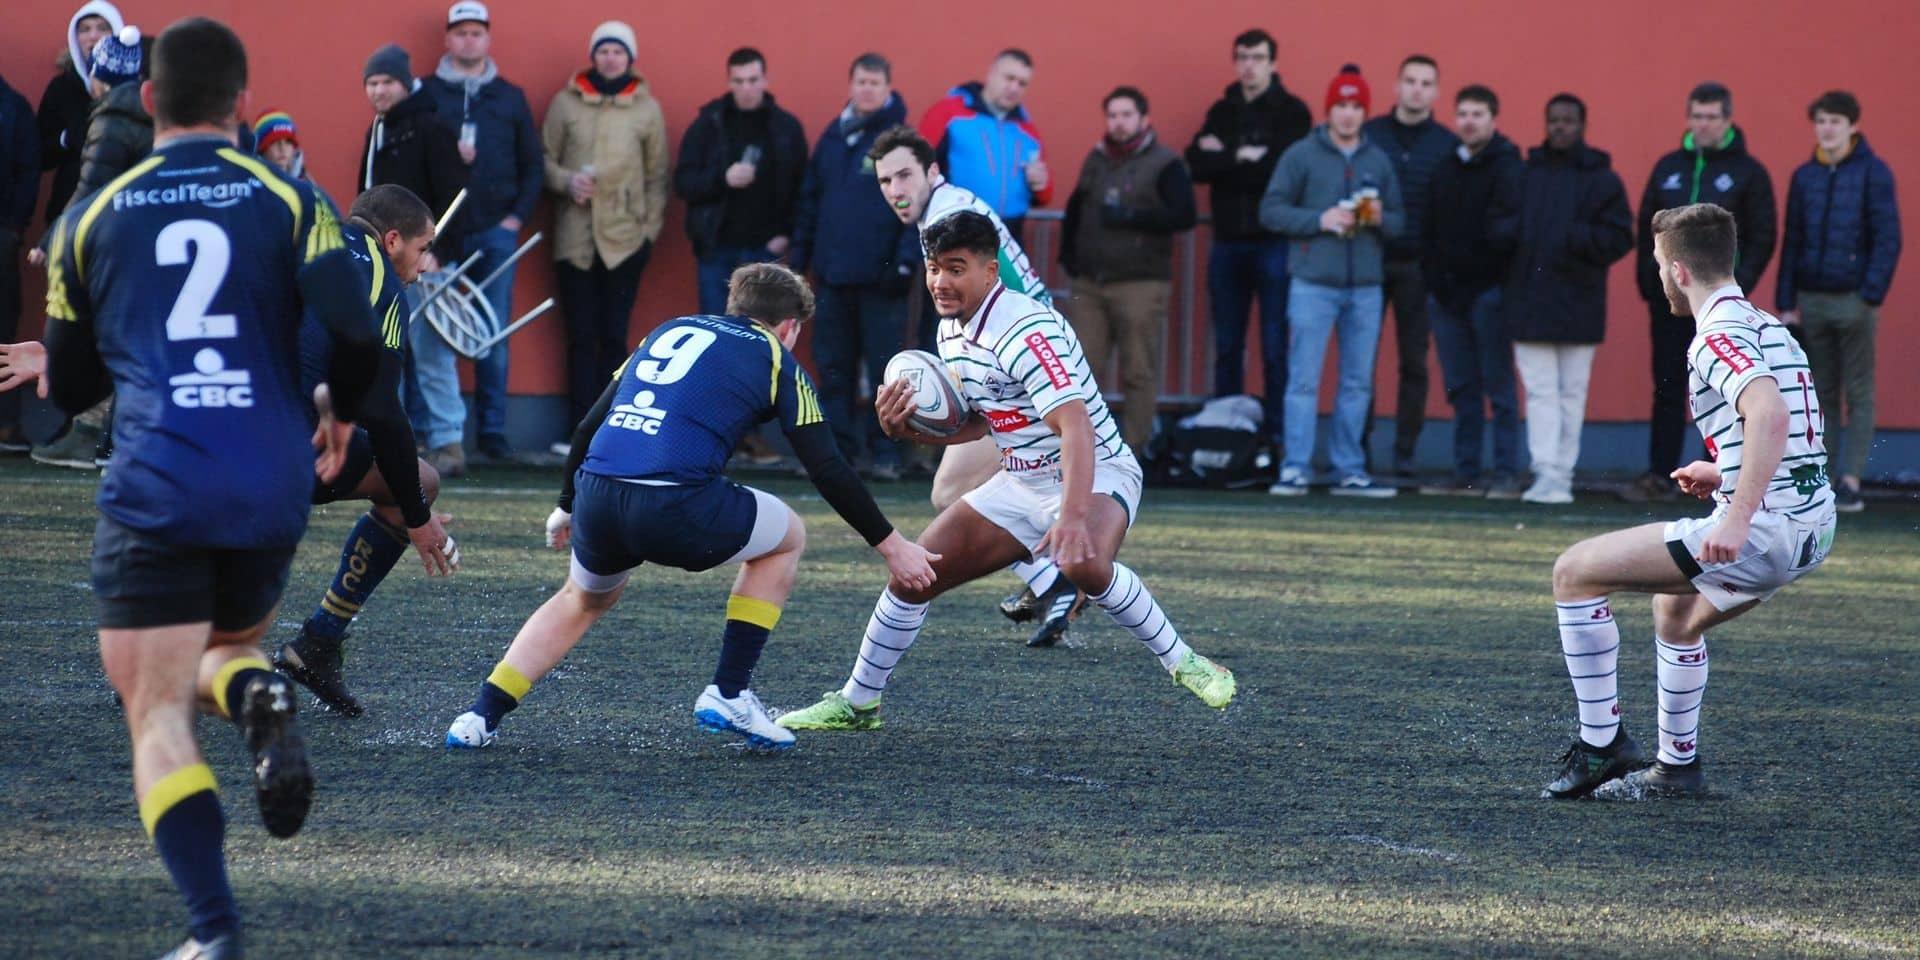 Coup d'envoi de la saison en rugby: La Hulpe favori; l'Asub lorgne les sommets et le ROC mise sur les jeunes